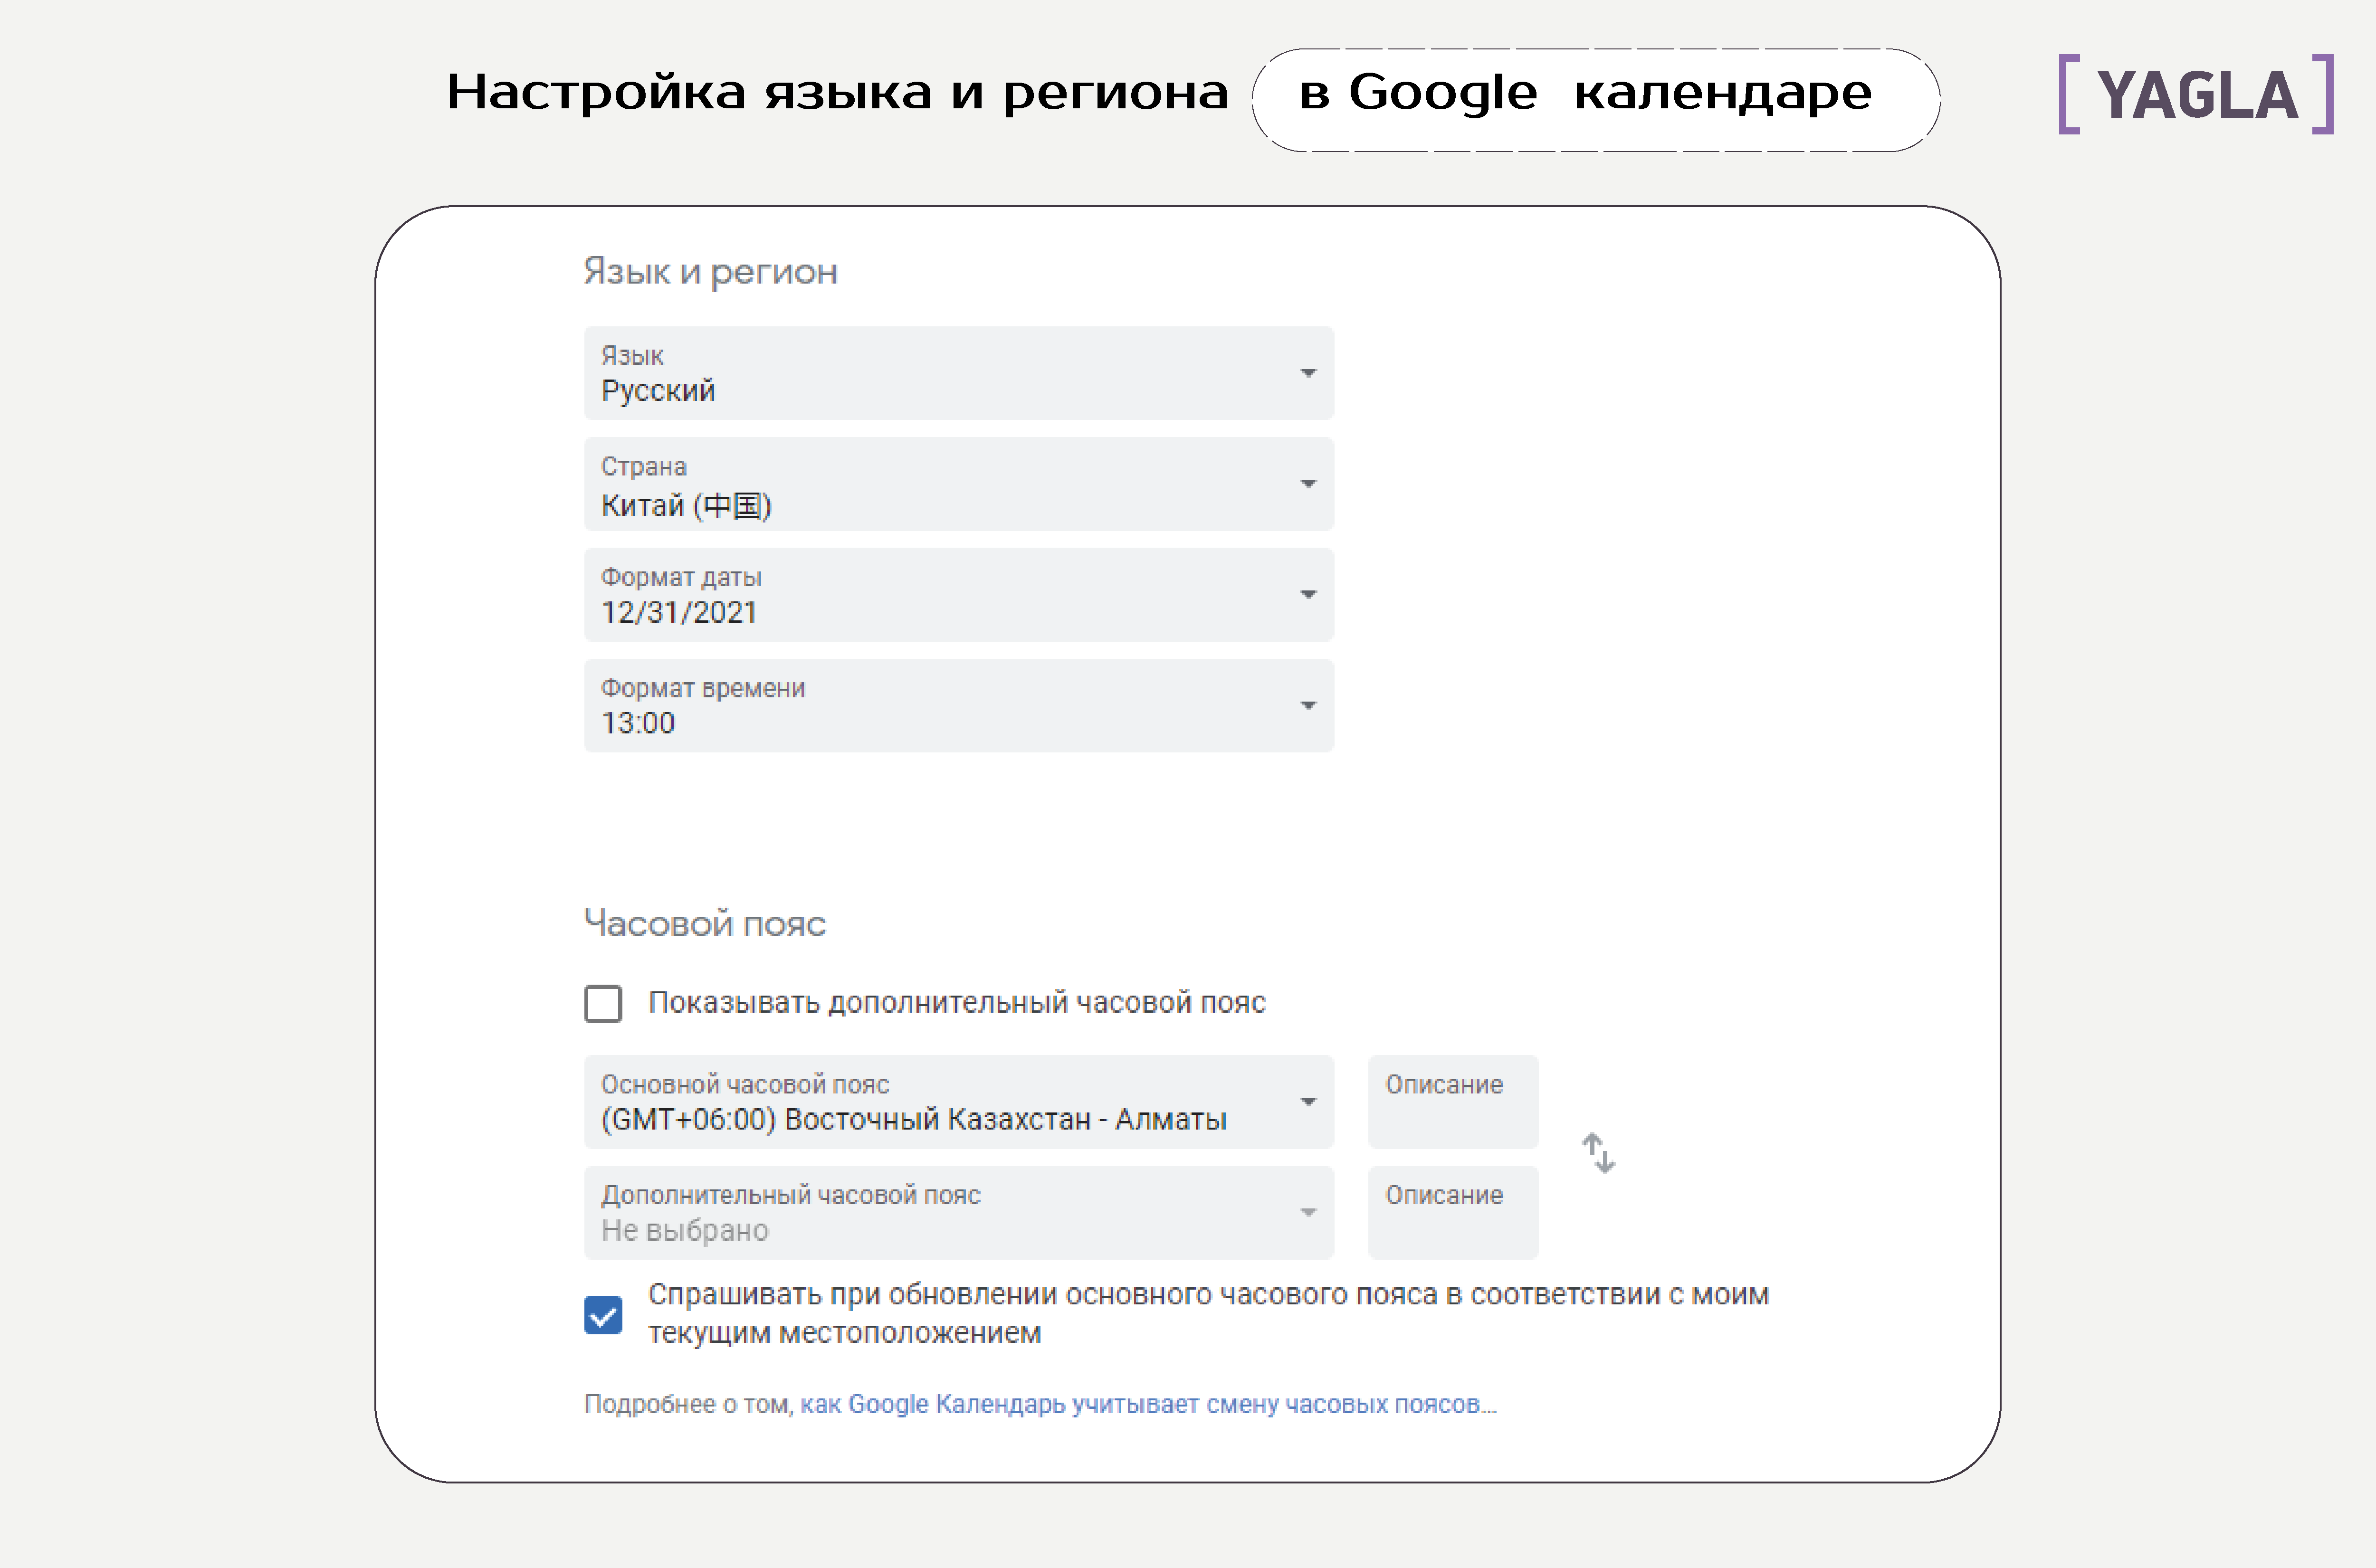 Настройка языка и региона в Google календаре